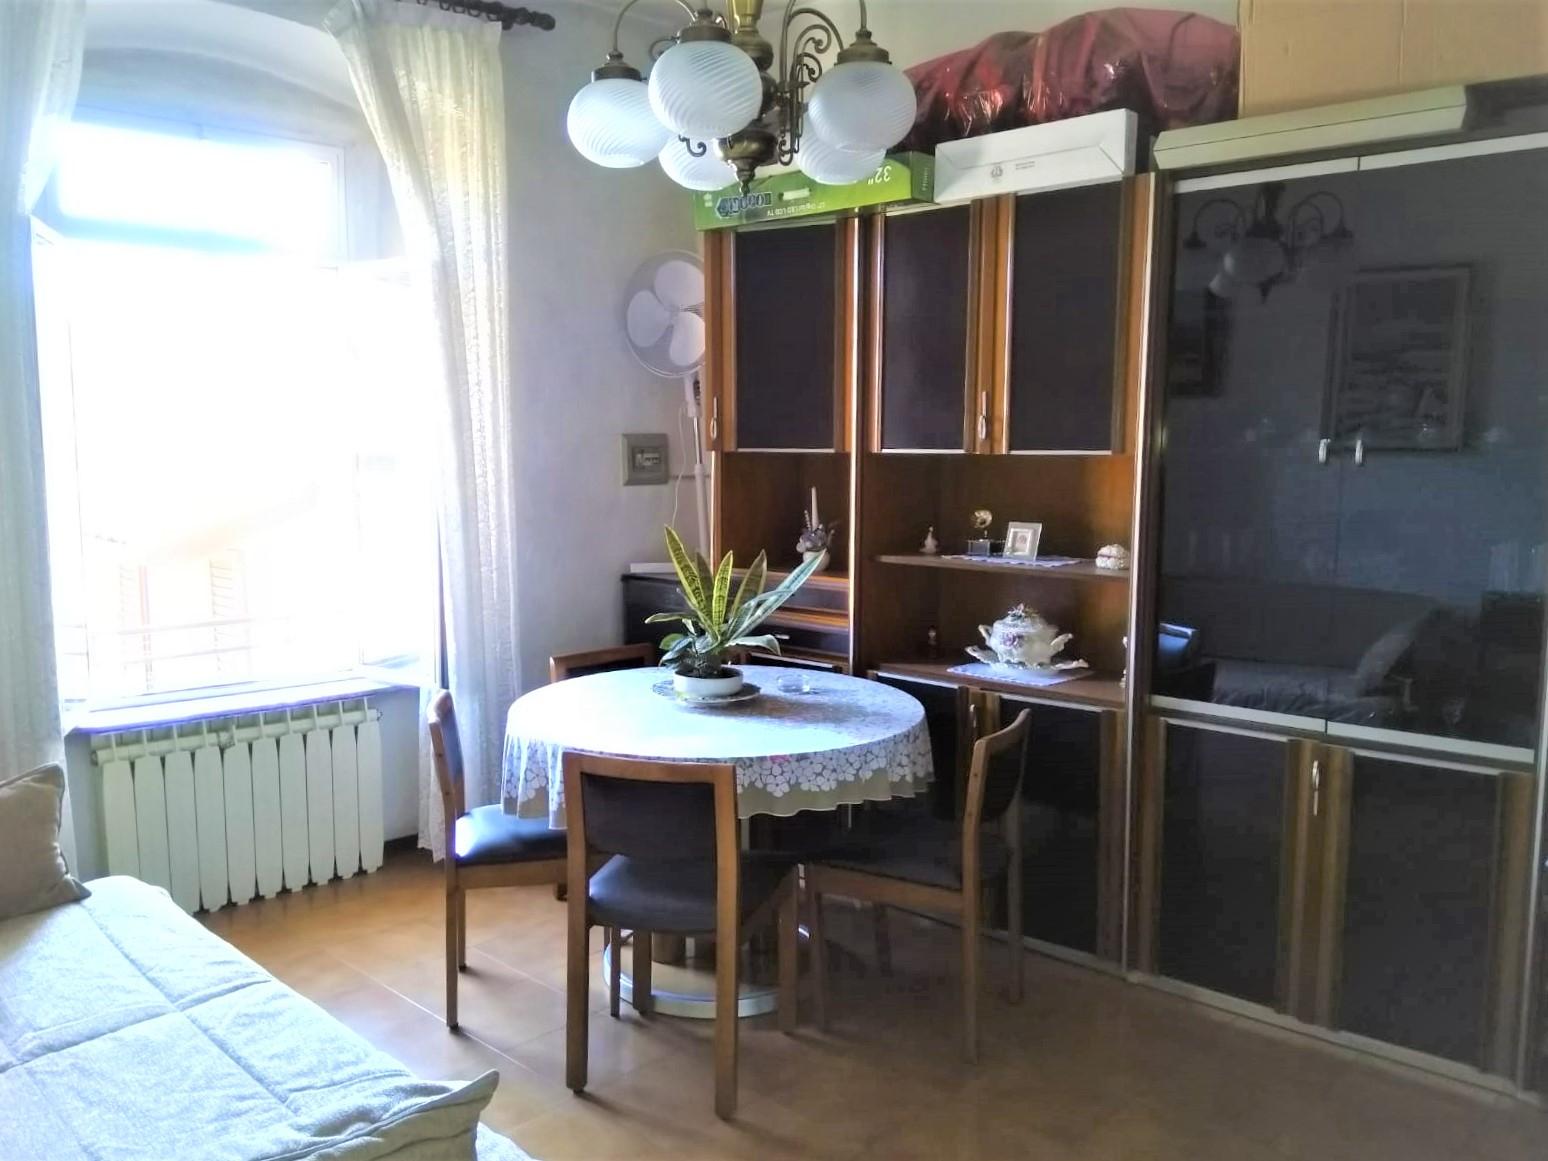 Appartamento in vendita a Nembro, 2 locali, prezzo € 58.000 | CambioCasa.it